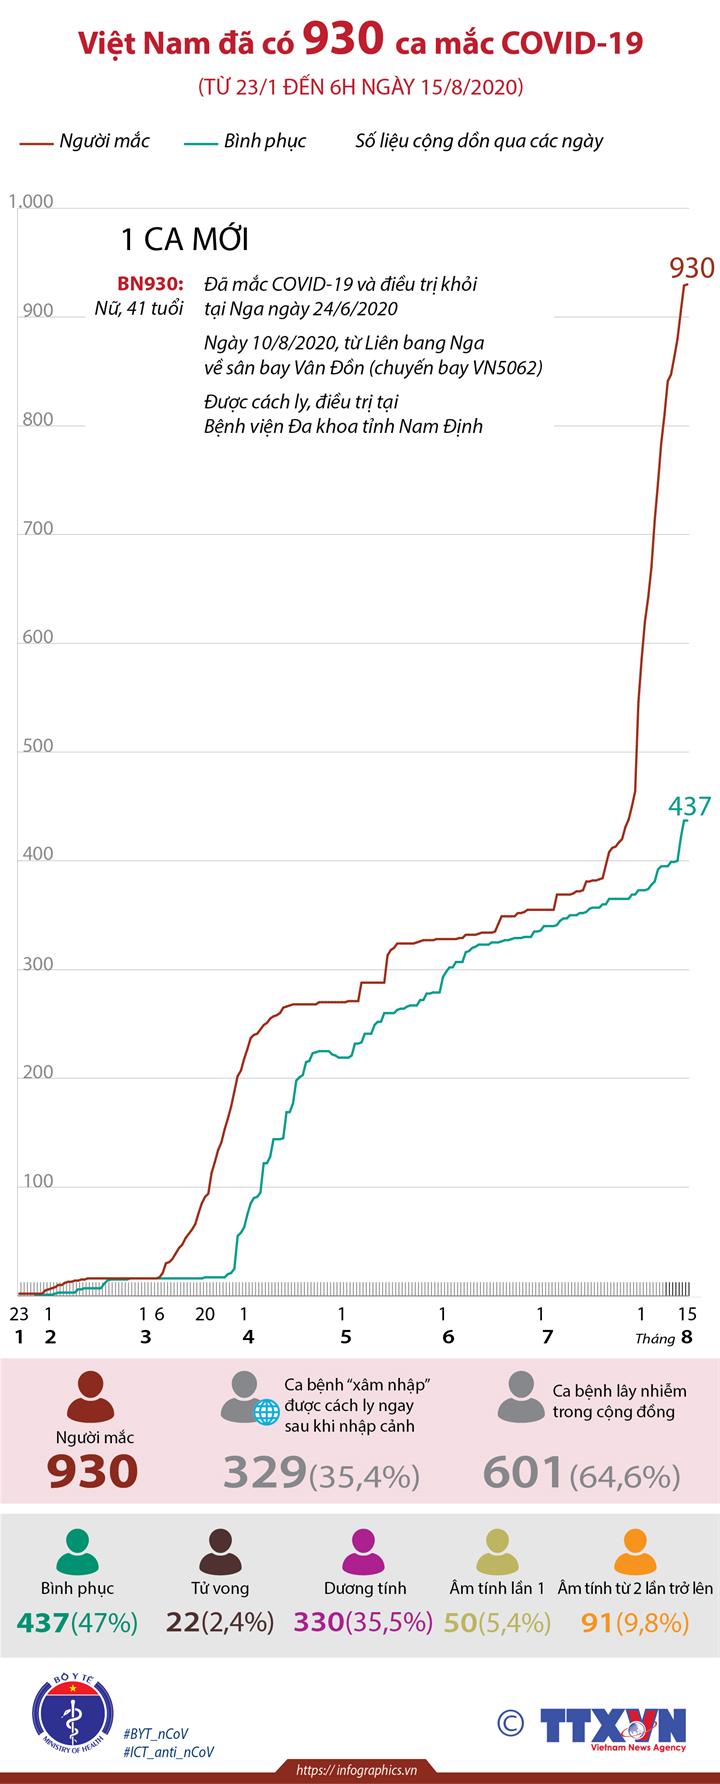 Việt Nam đã có 930 ca mắc COVID-19 (từ 23/1 đến 6h ngày 15/8/2020)